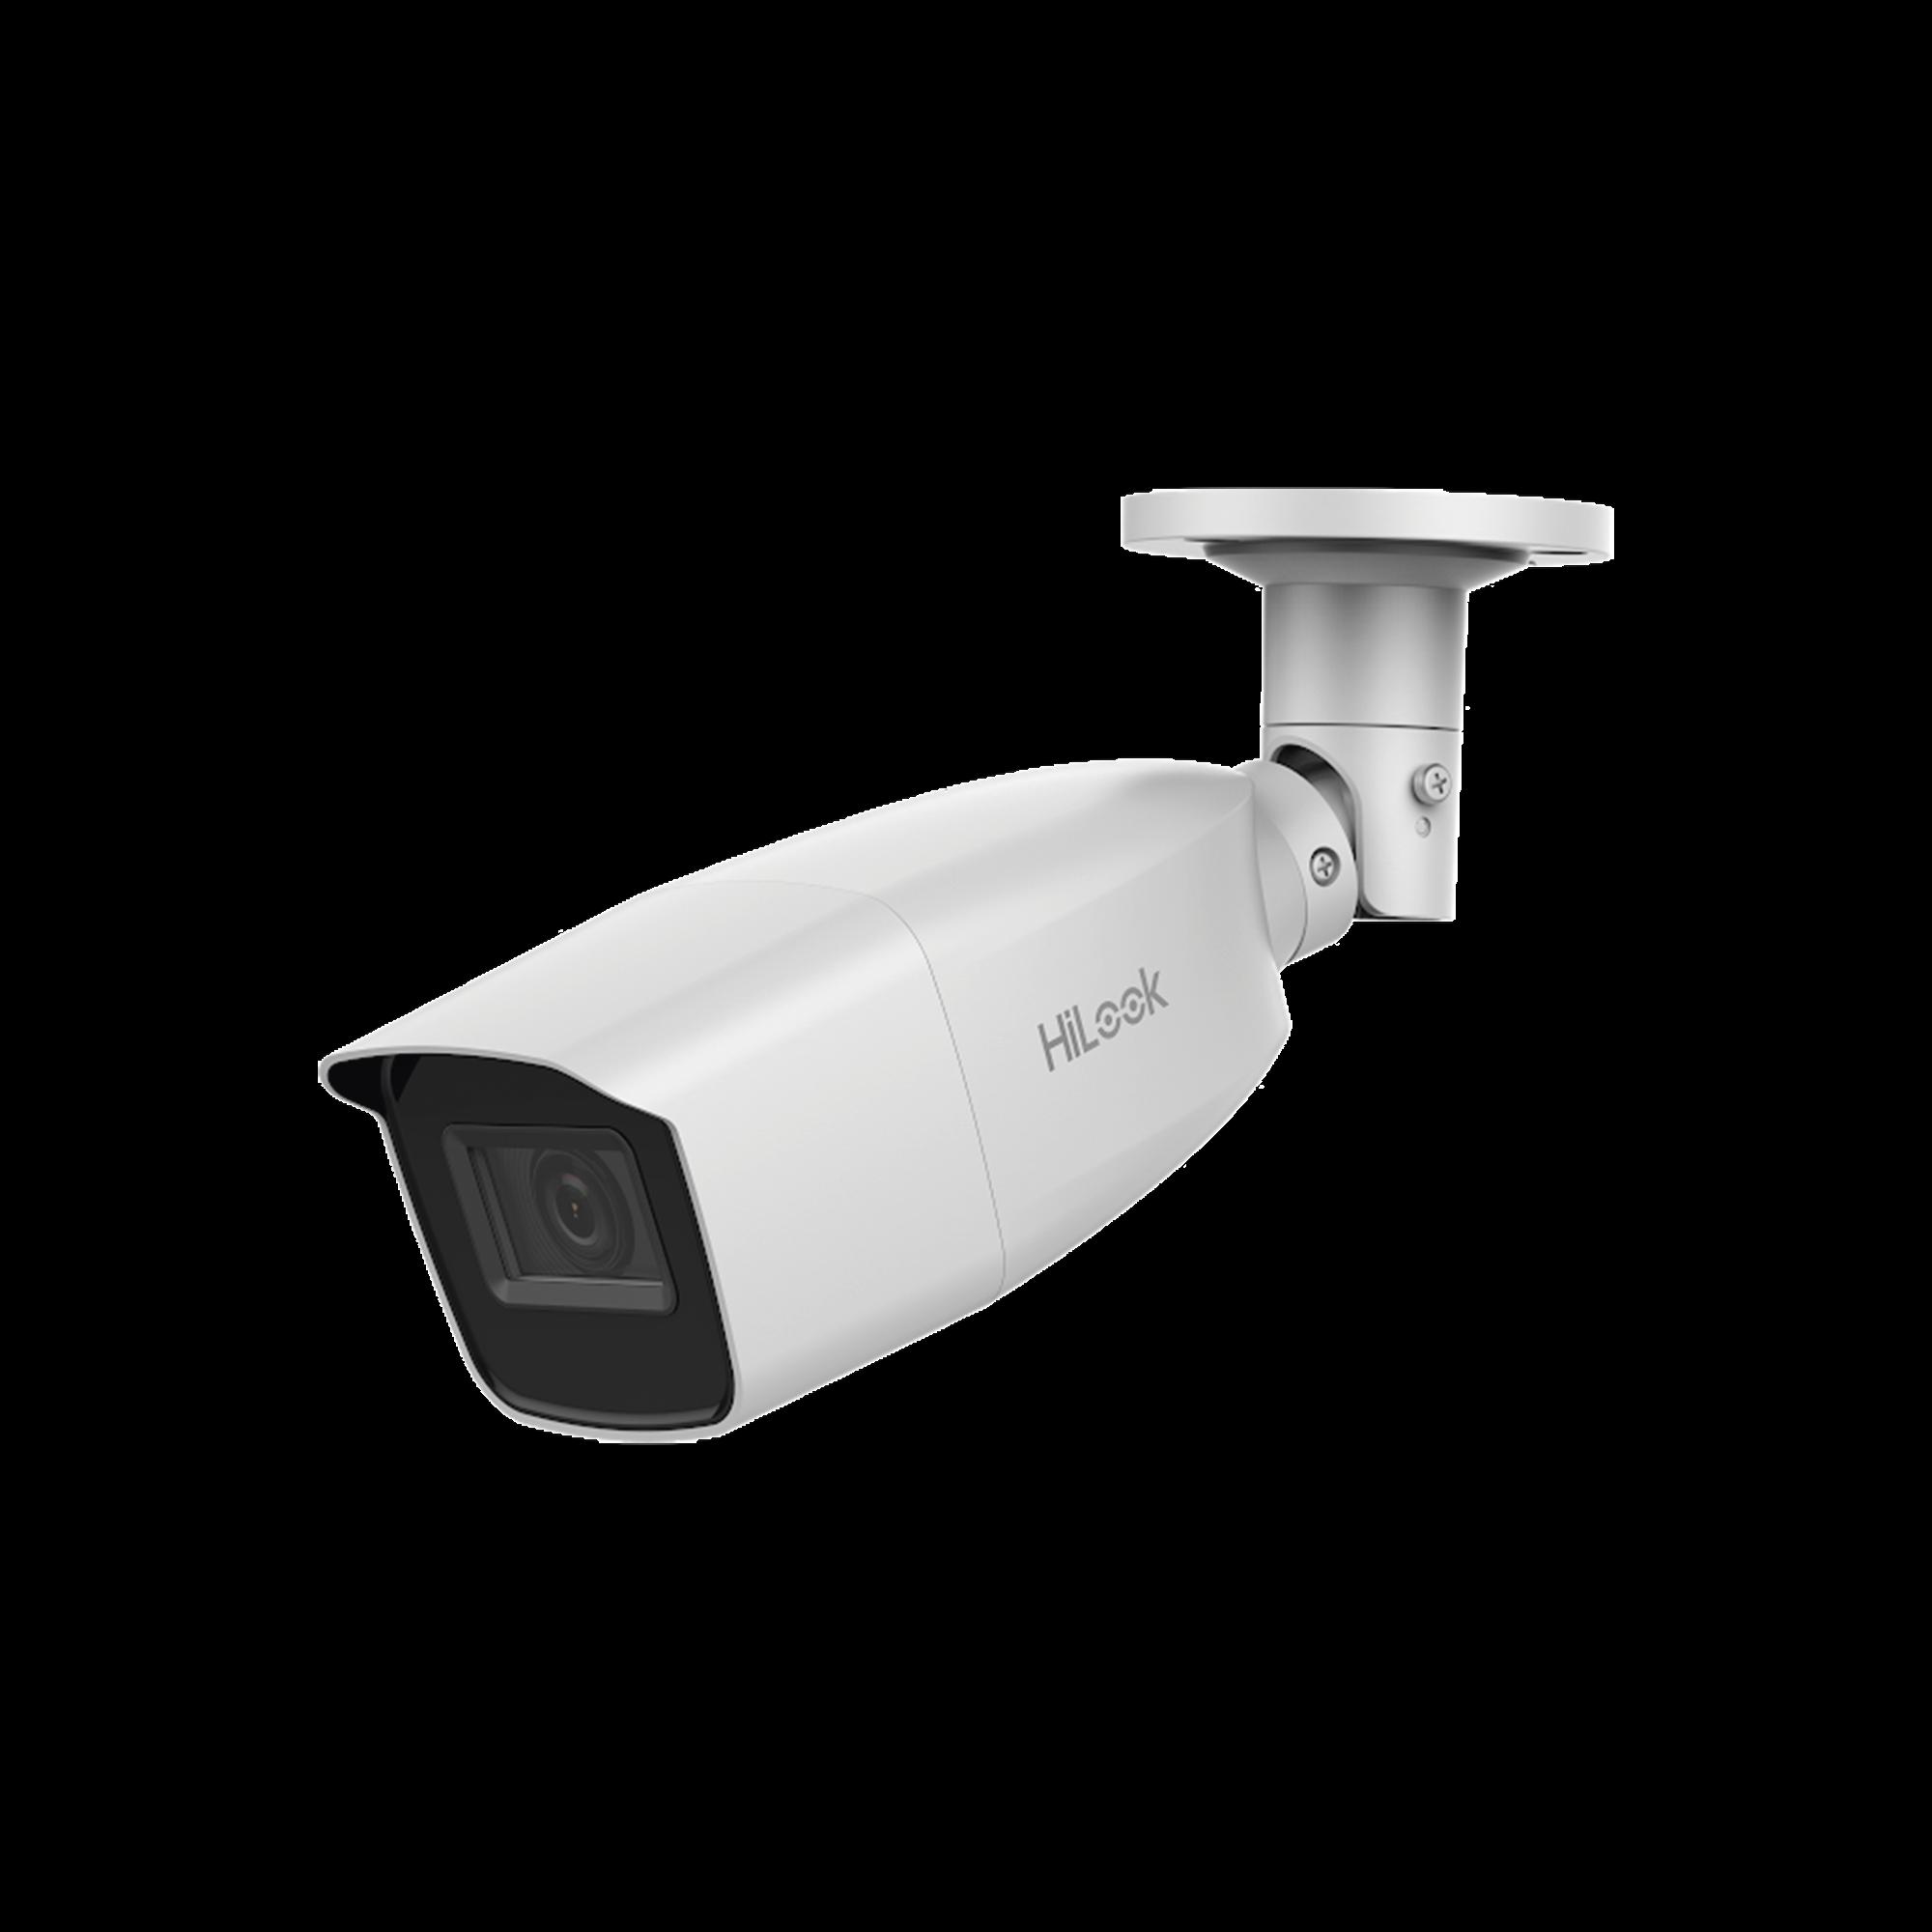 Bala TURBOHD 1080p / Lente Var. 2.8 a 12 mm / CLIMAS EXTREMOS / IR EXIR Inteligente 40 mts / Exterior IP66 / TVI-AHD-CVI-CVBS / dWDR